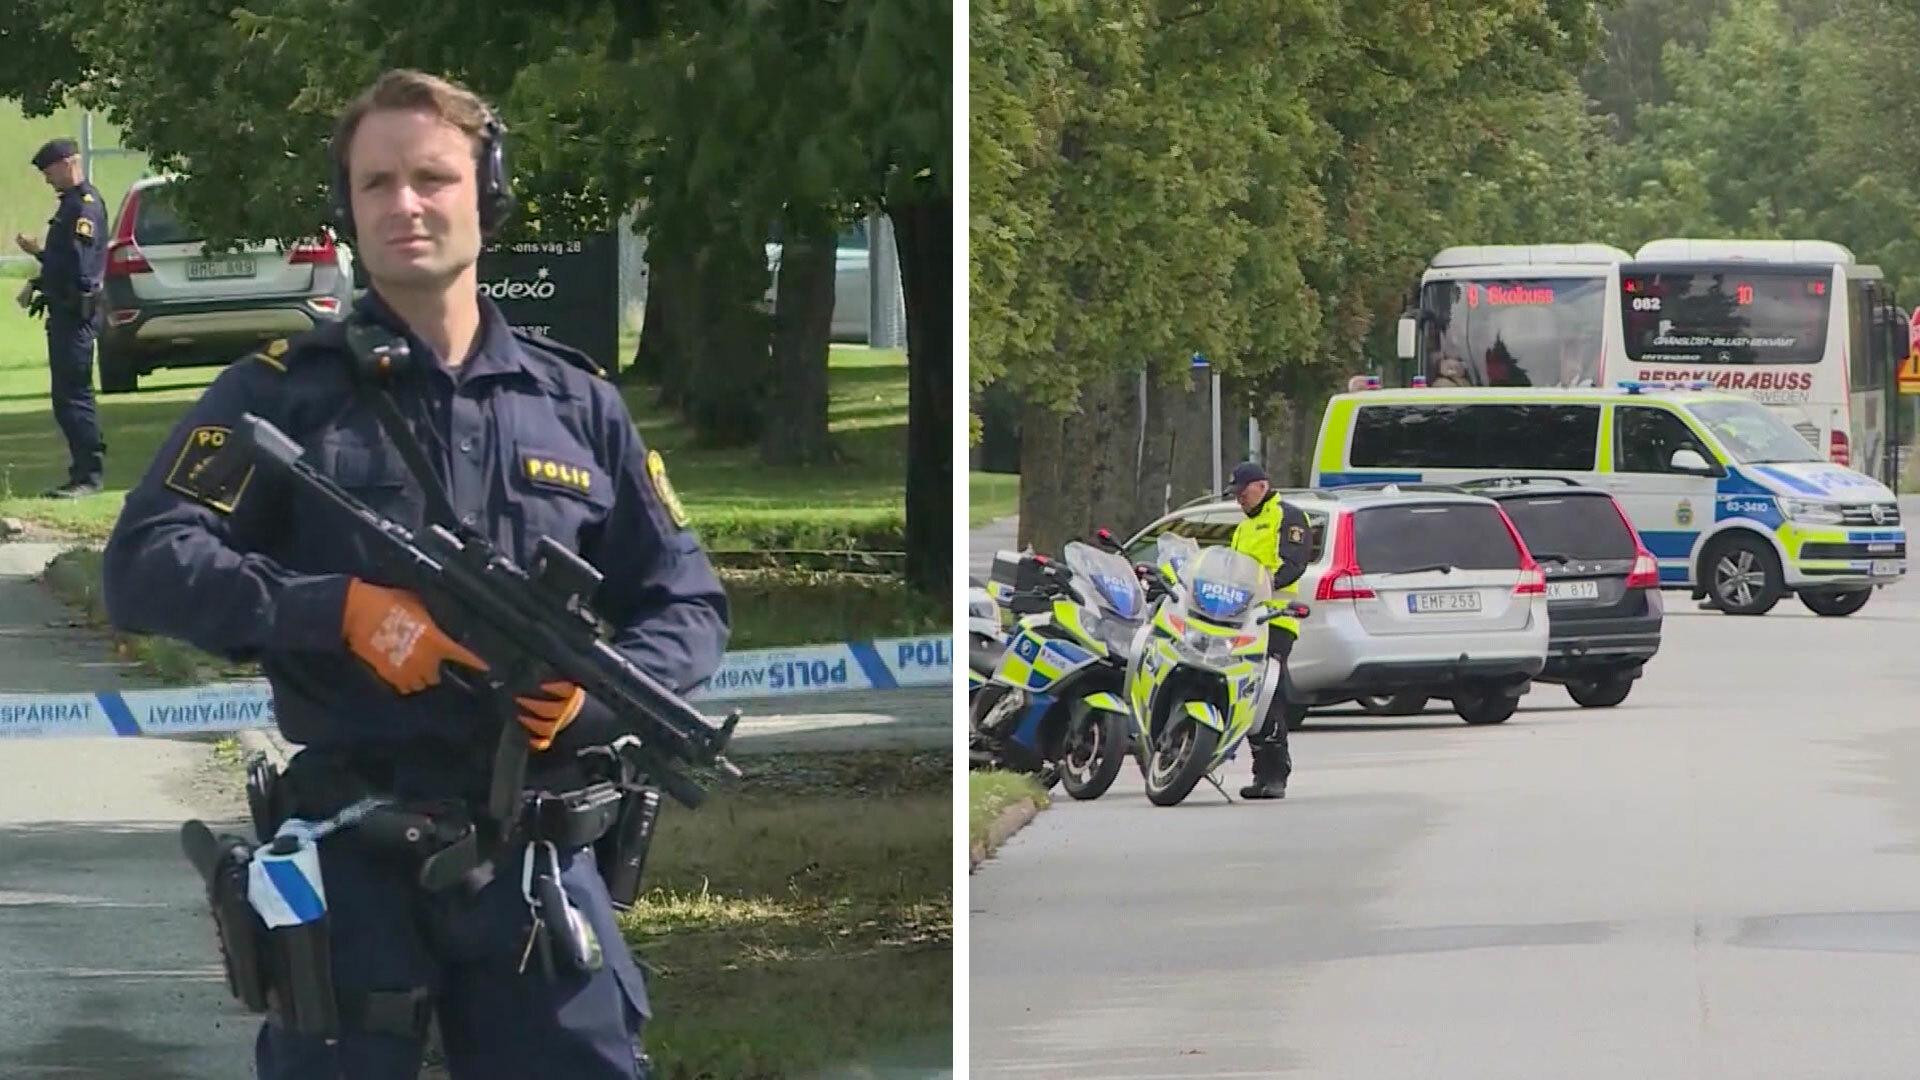 Skolattacker ska ha inspirerat 15-åring i Eslöv - livesände för att få uppmärksamhet